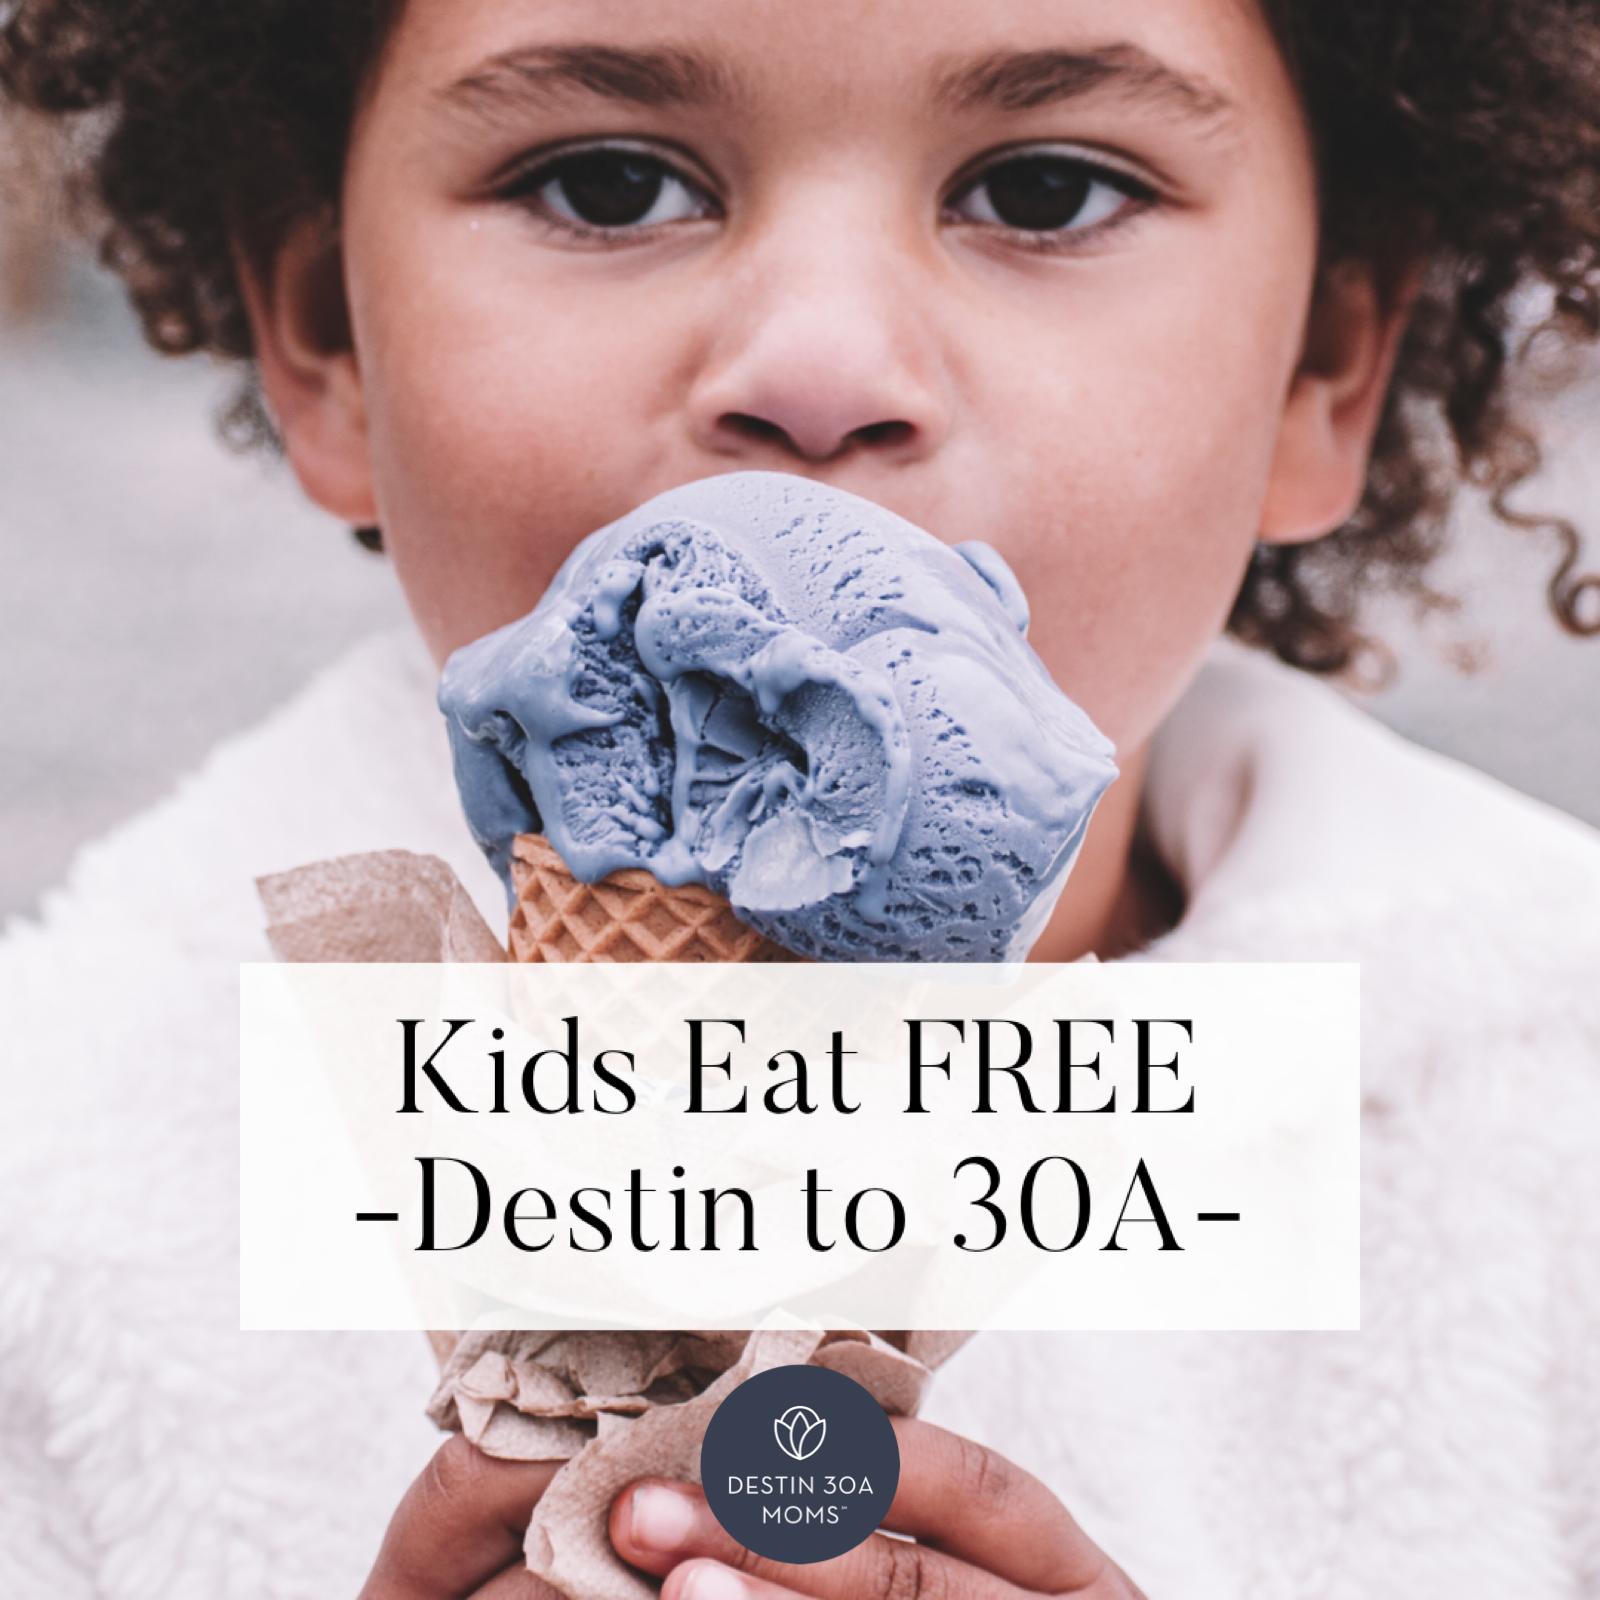 kids eat free destin to 30a